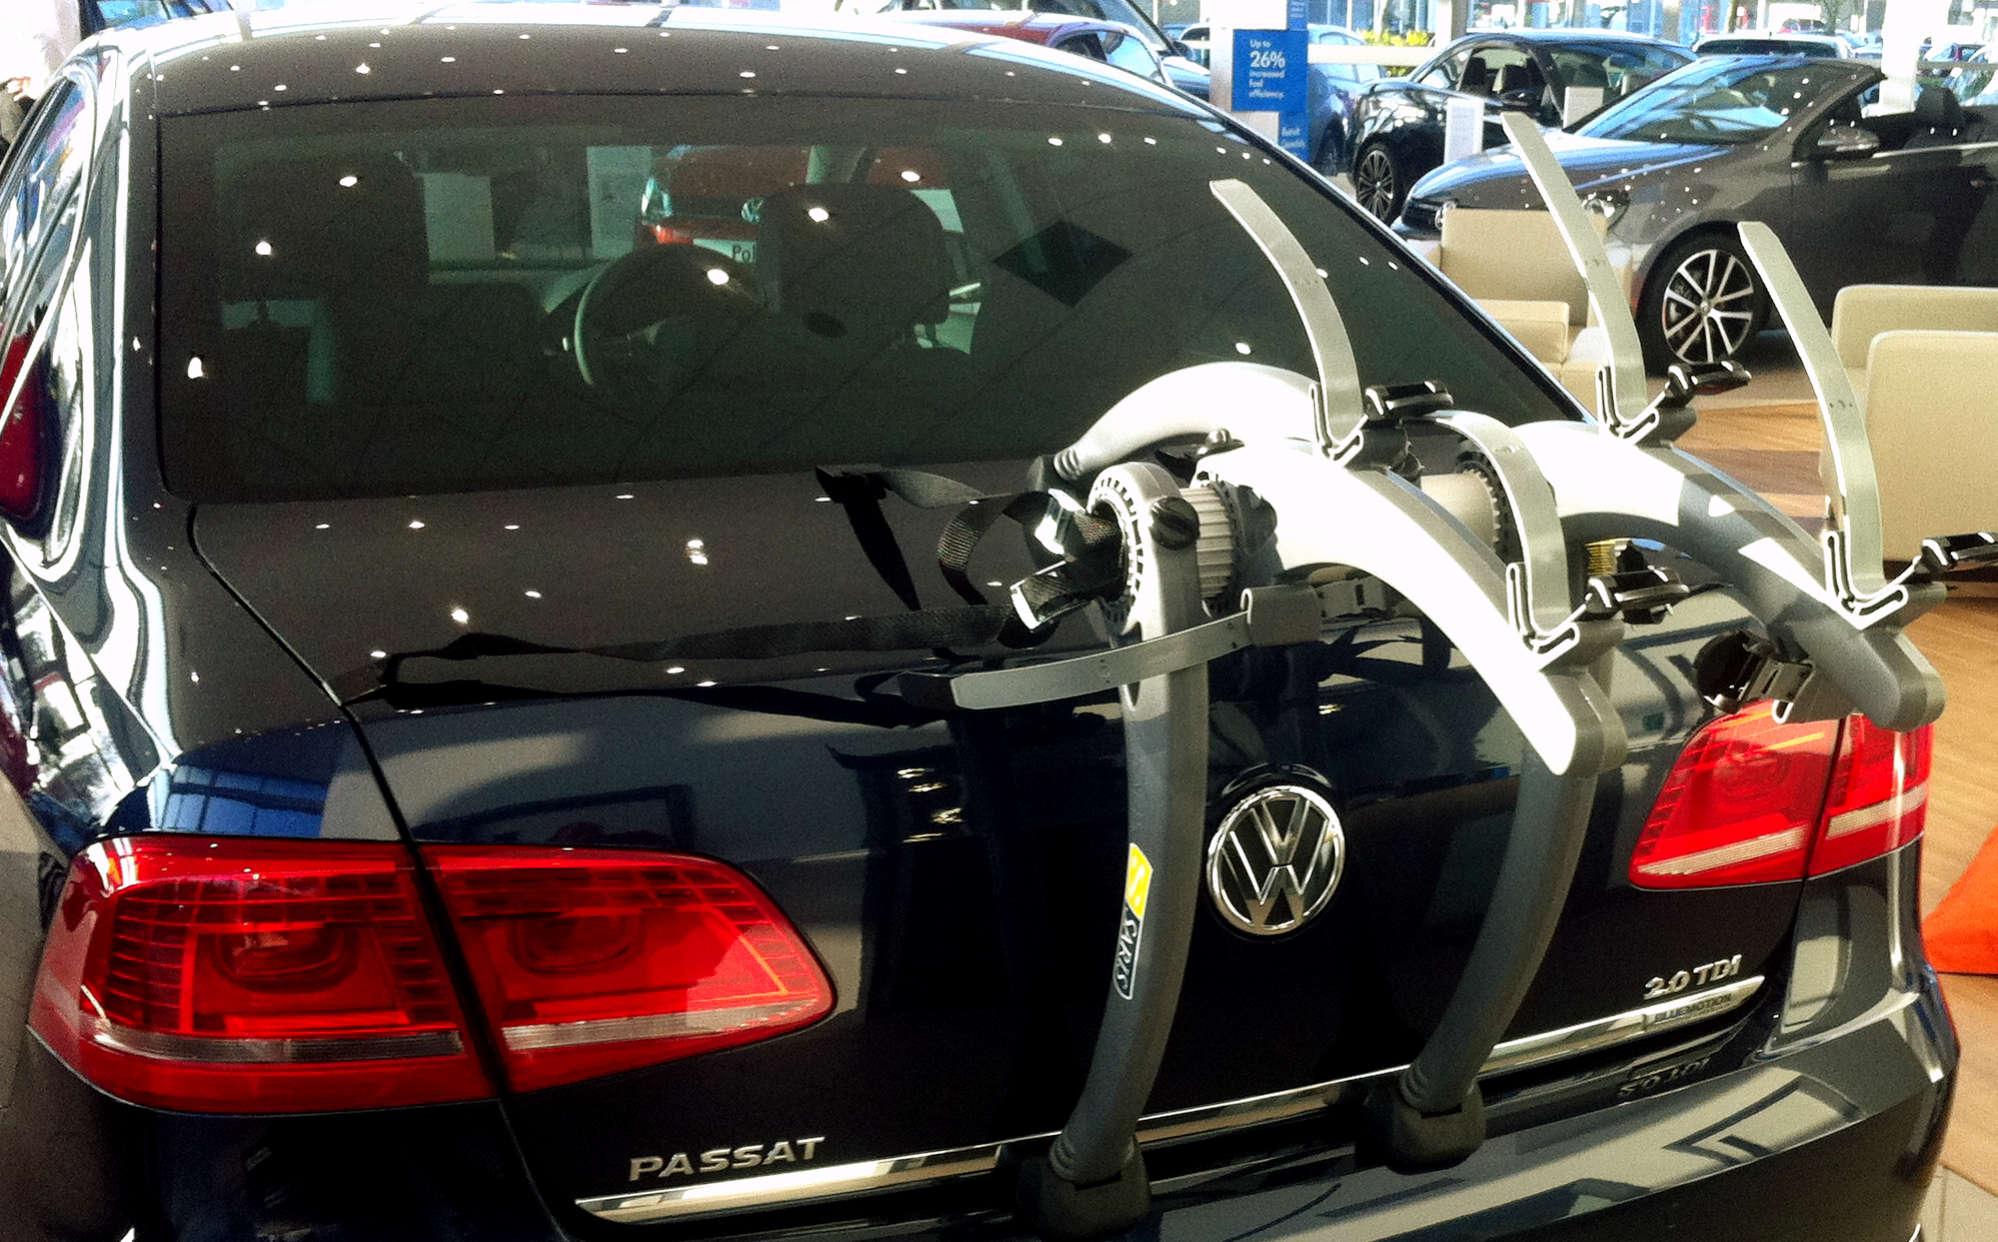 VW Passat Bike Rack - Car Bike Racks & Bike Carriers